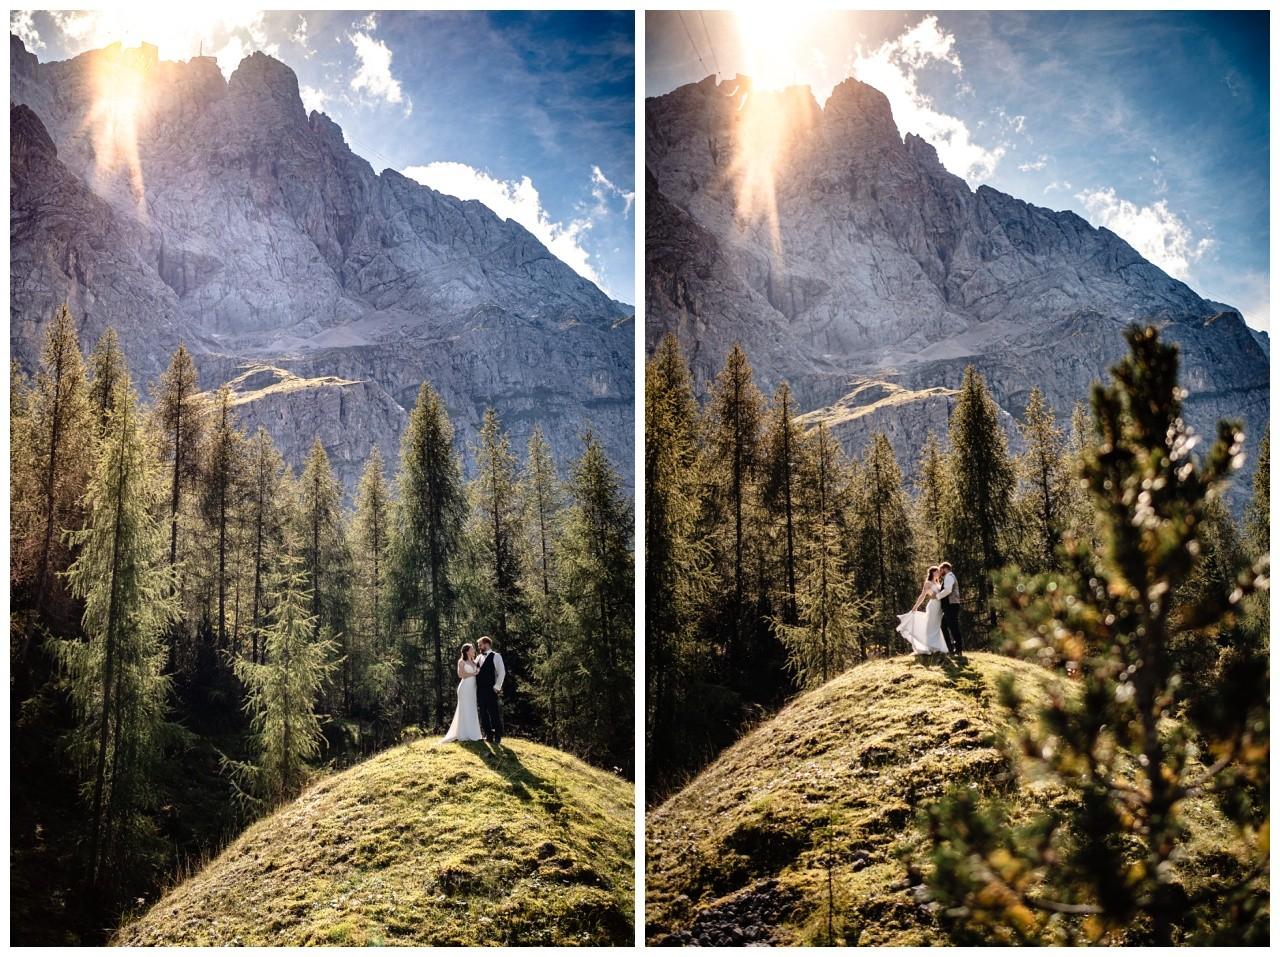 hochzeitsfoto eibsee zugspitze gamisch hochzeitsfotograf foto paarshooting 23 - Hochzeitsfotos am Eibsee